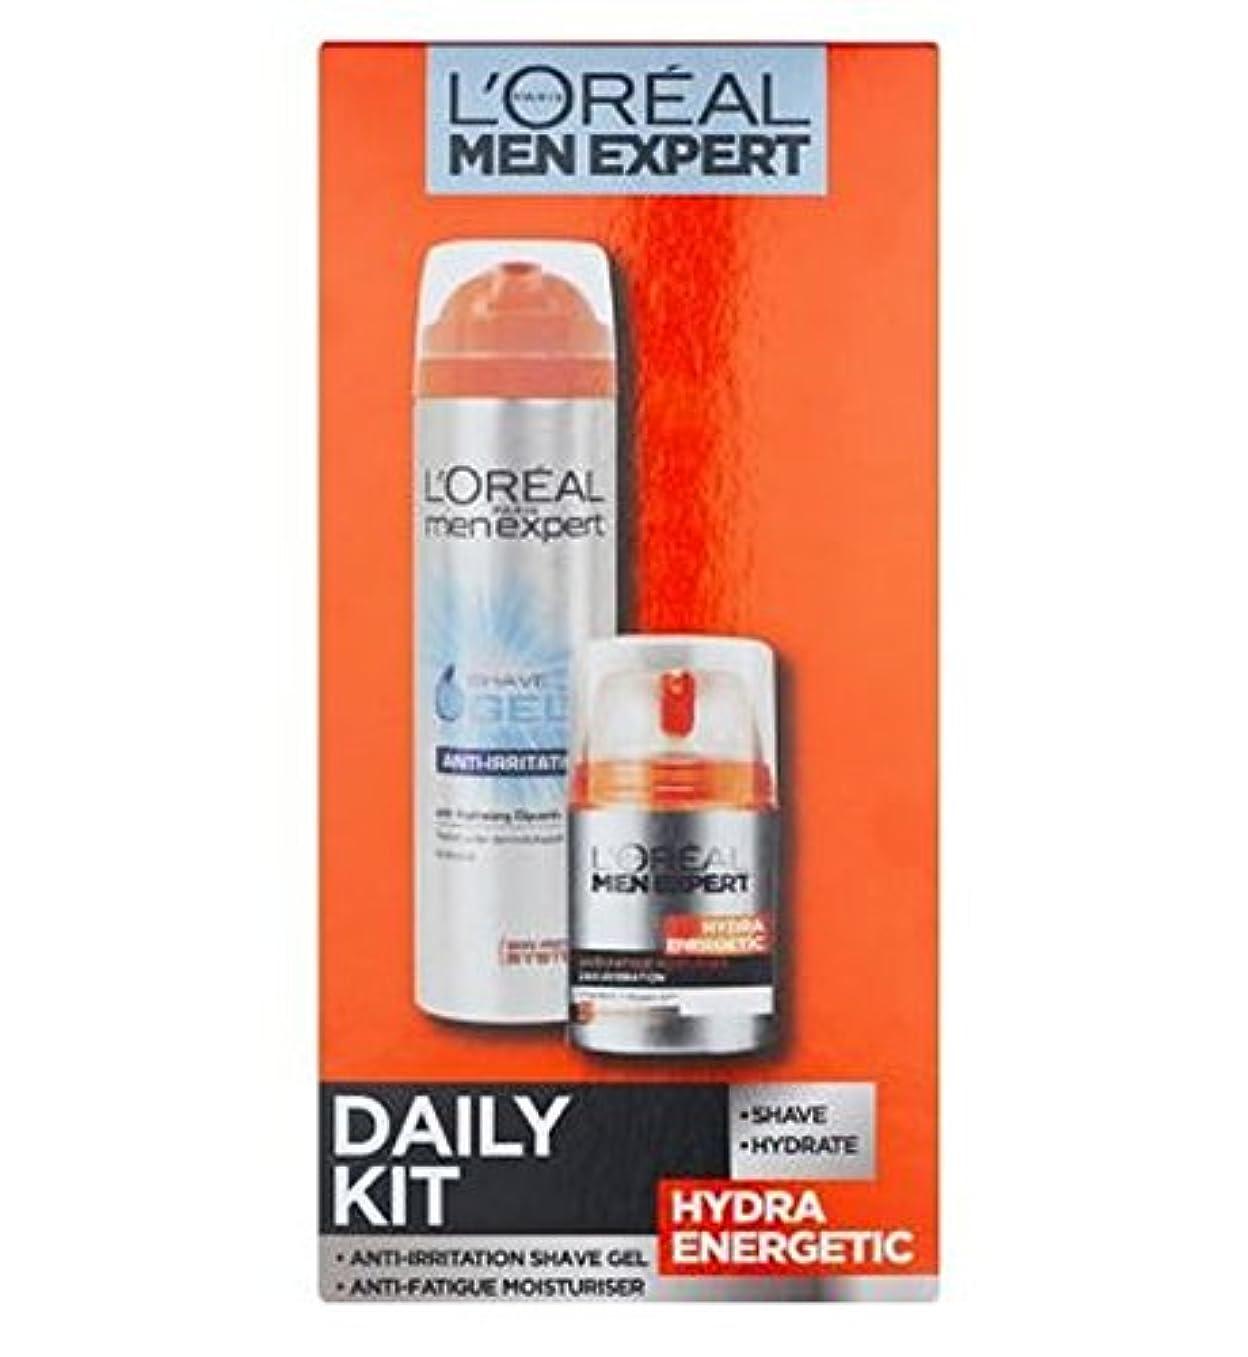 殉教者登録砂漠L'Oreal Men Expert Hydra Energetic Daily Skincare Kit - ロレアルの男性の専門家ヒドラエネルギッシュな毎日のスキンケアキット (L'Oreal) [並行輸入品]